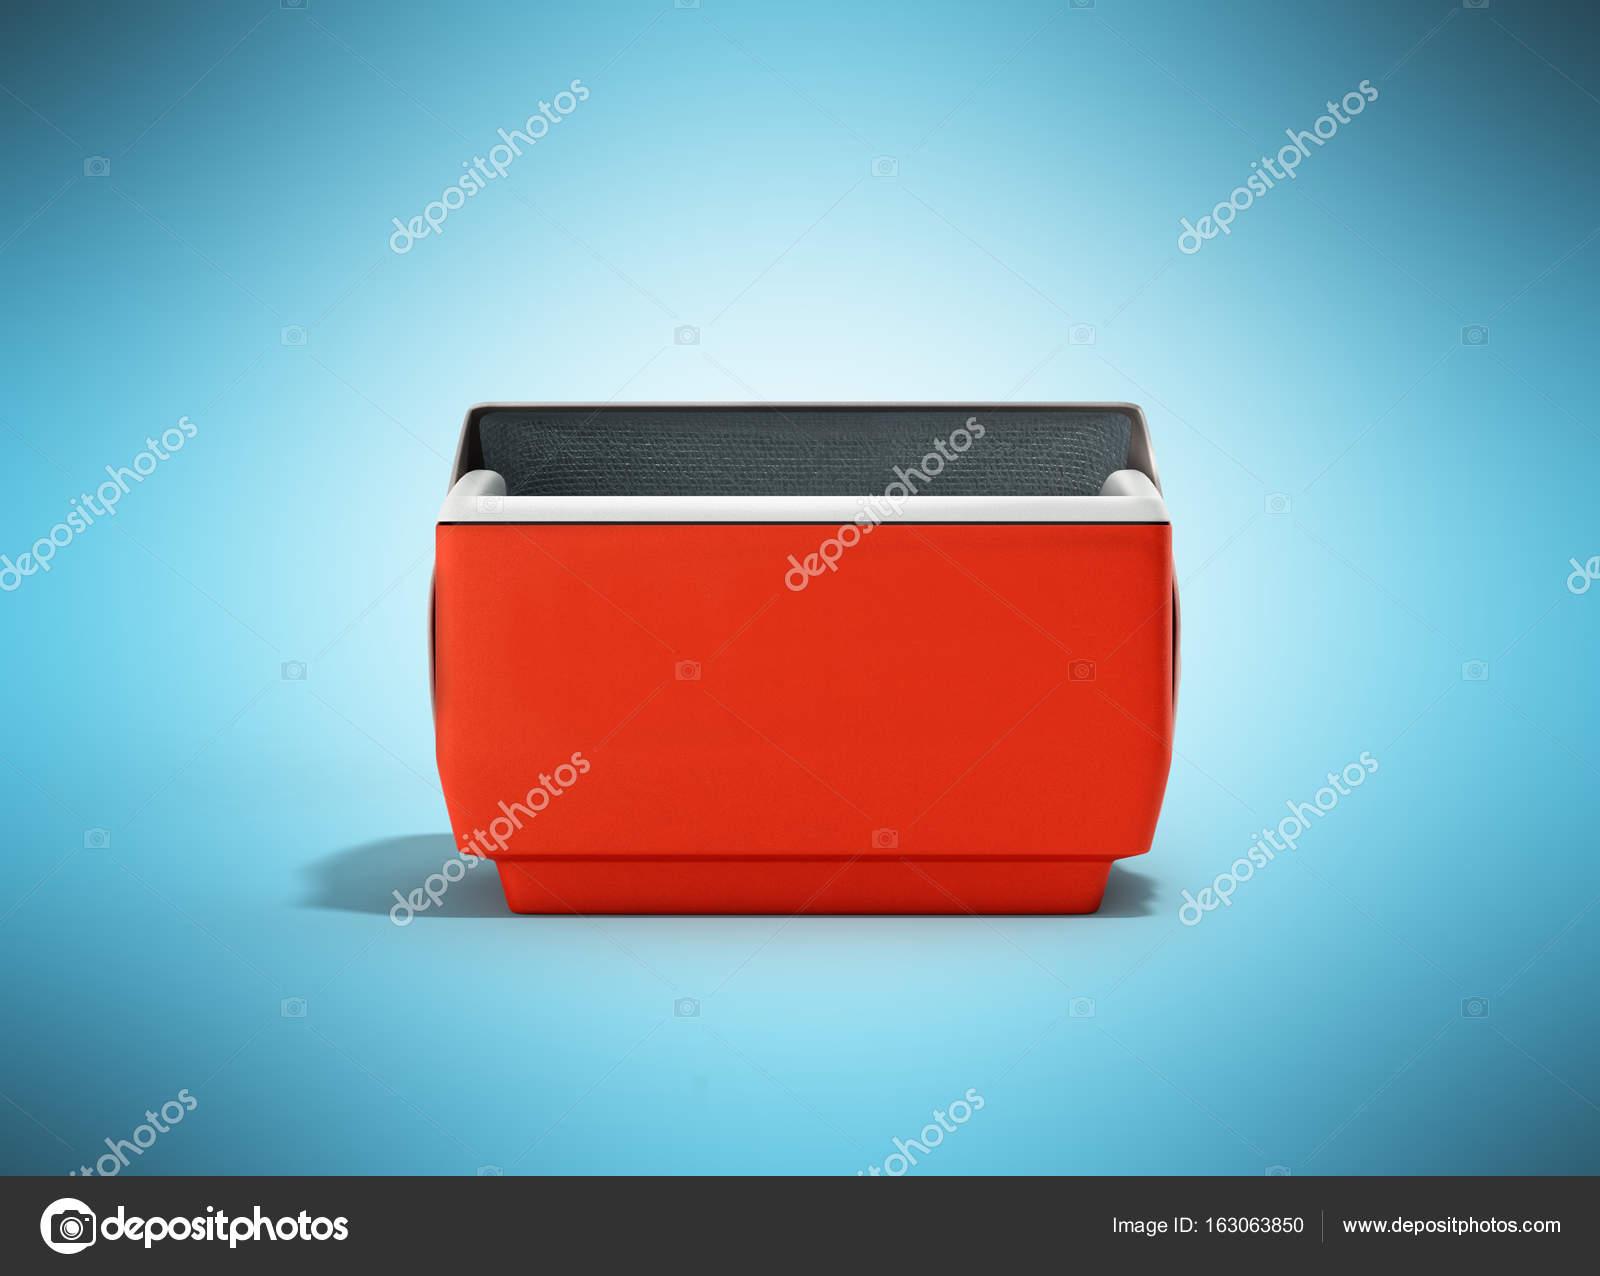 Kühlschrank Quadratisch : Offenen kühlschrank box rot 3d render auf blauem hintergrund